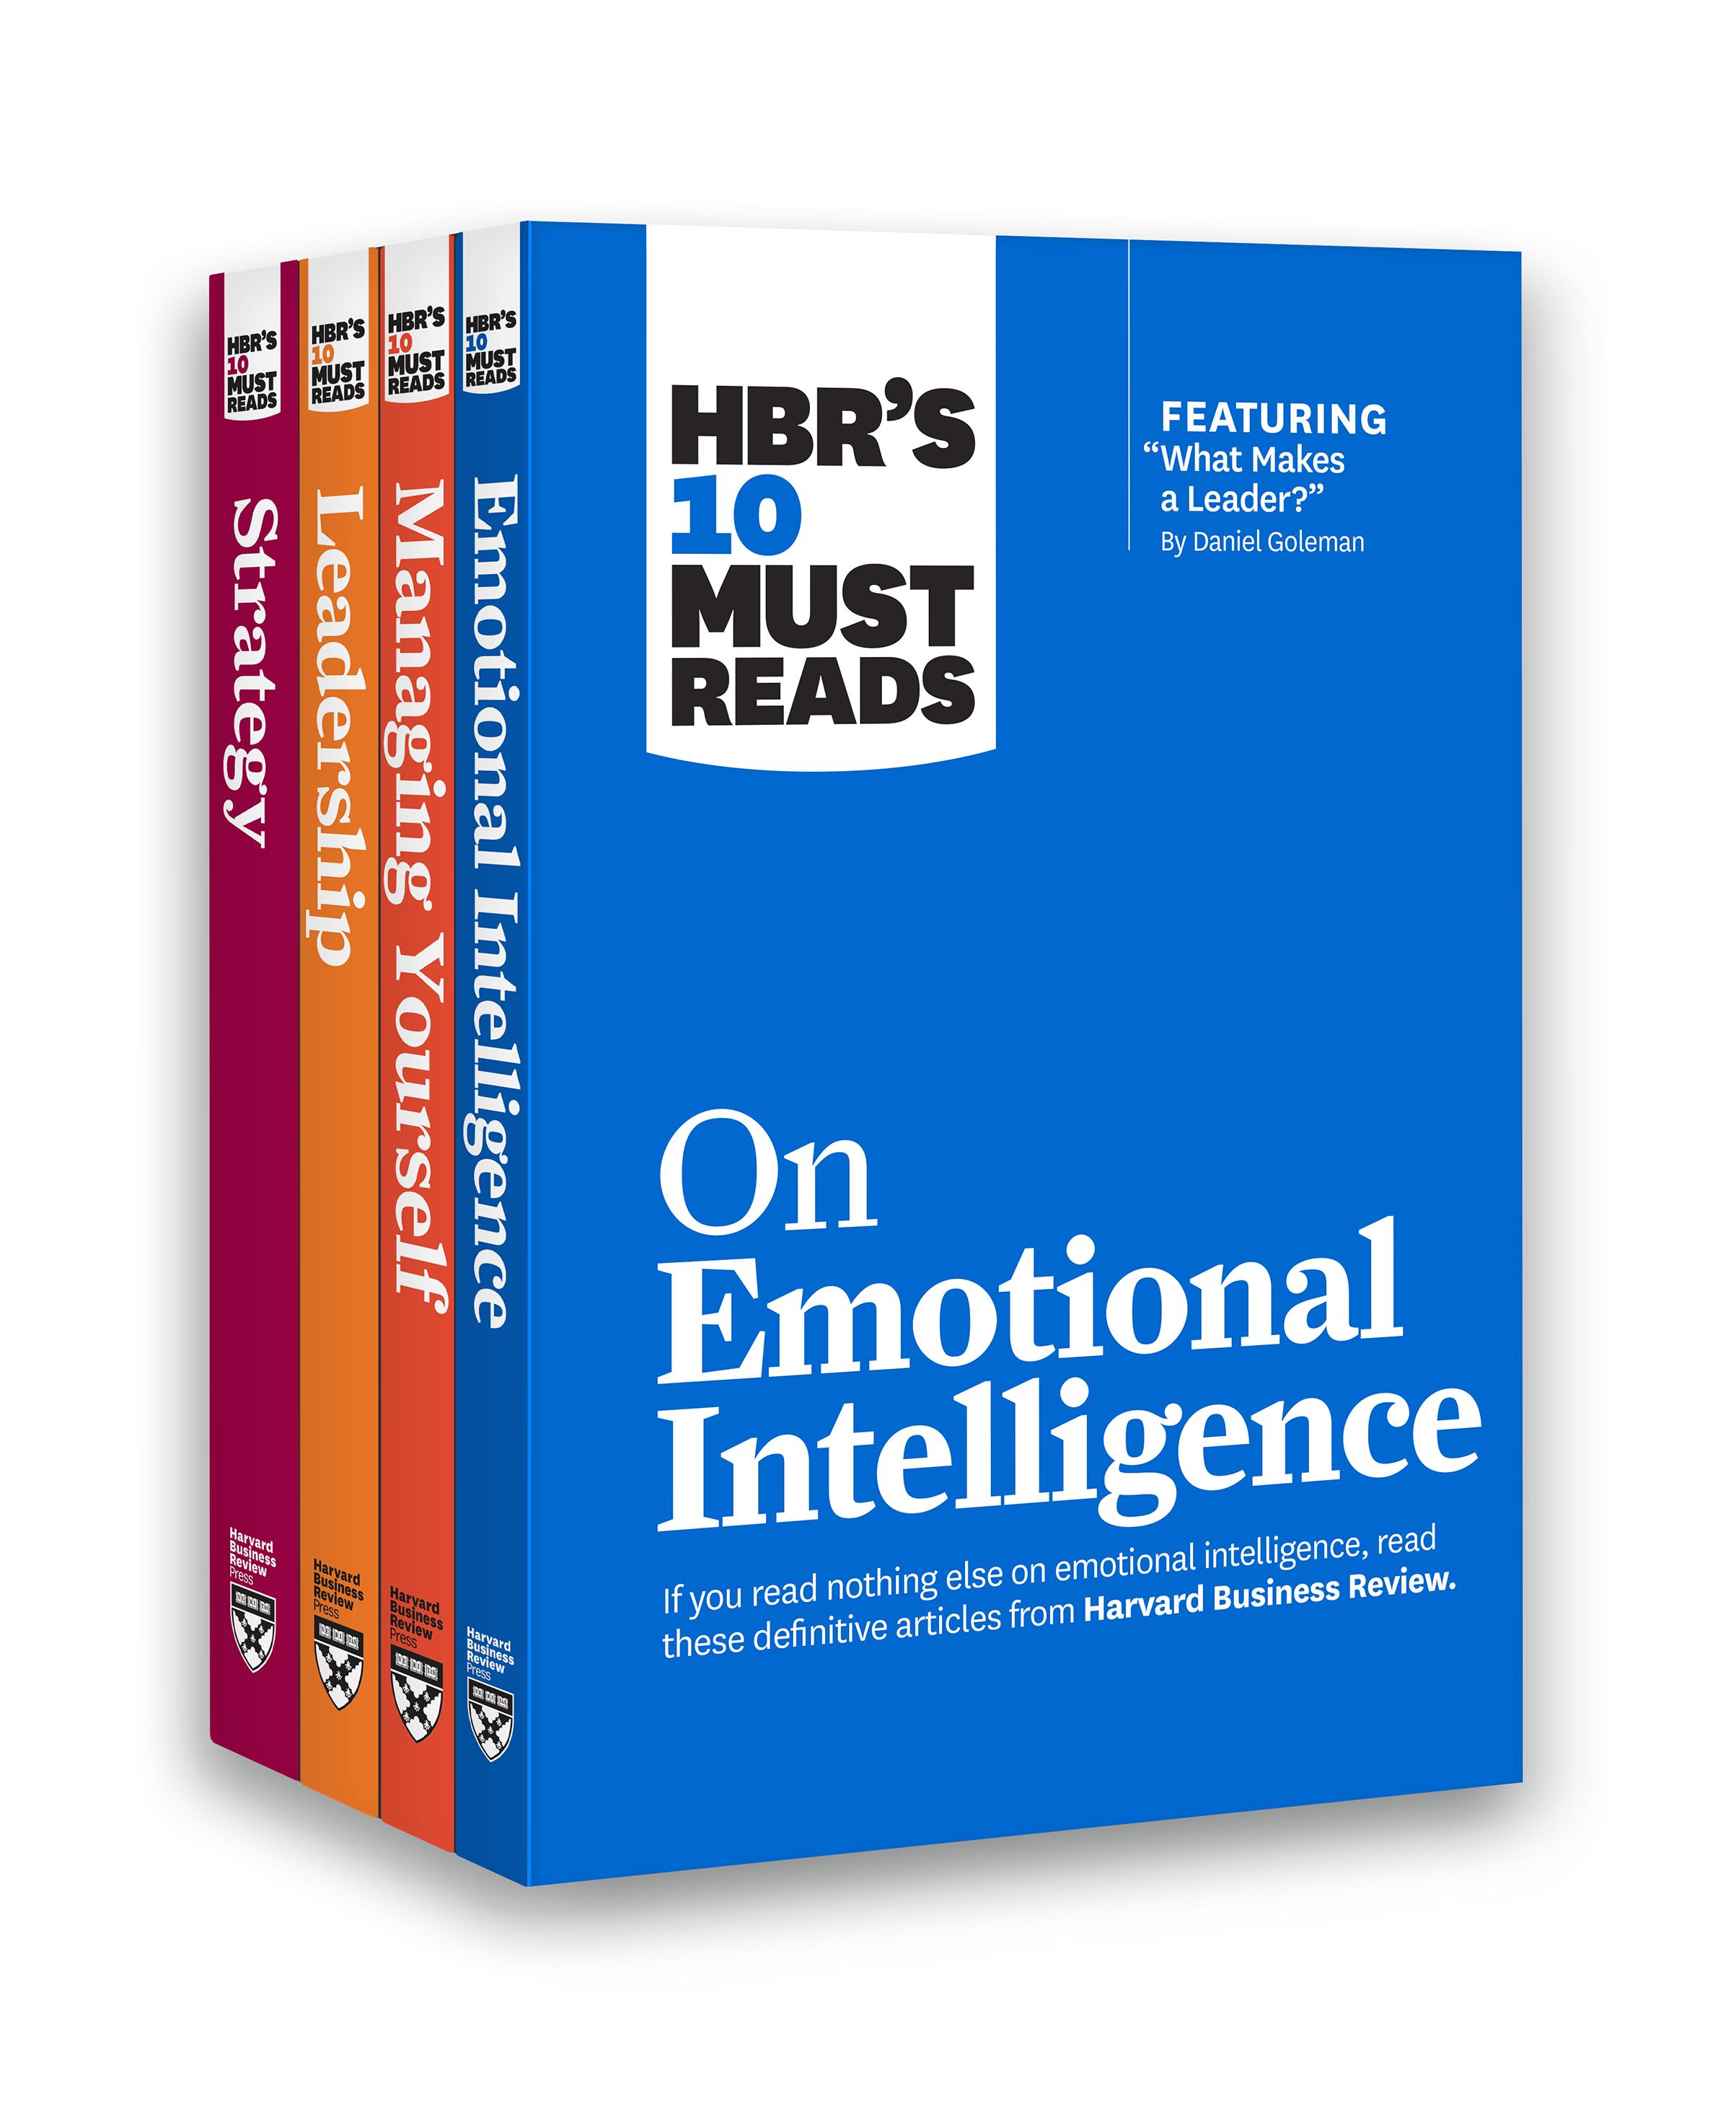 مجموعه ۱۰ مقاله ای که از هاروارد باید بخوانید  صفحه اصلی 10133E 500